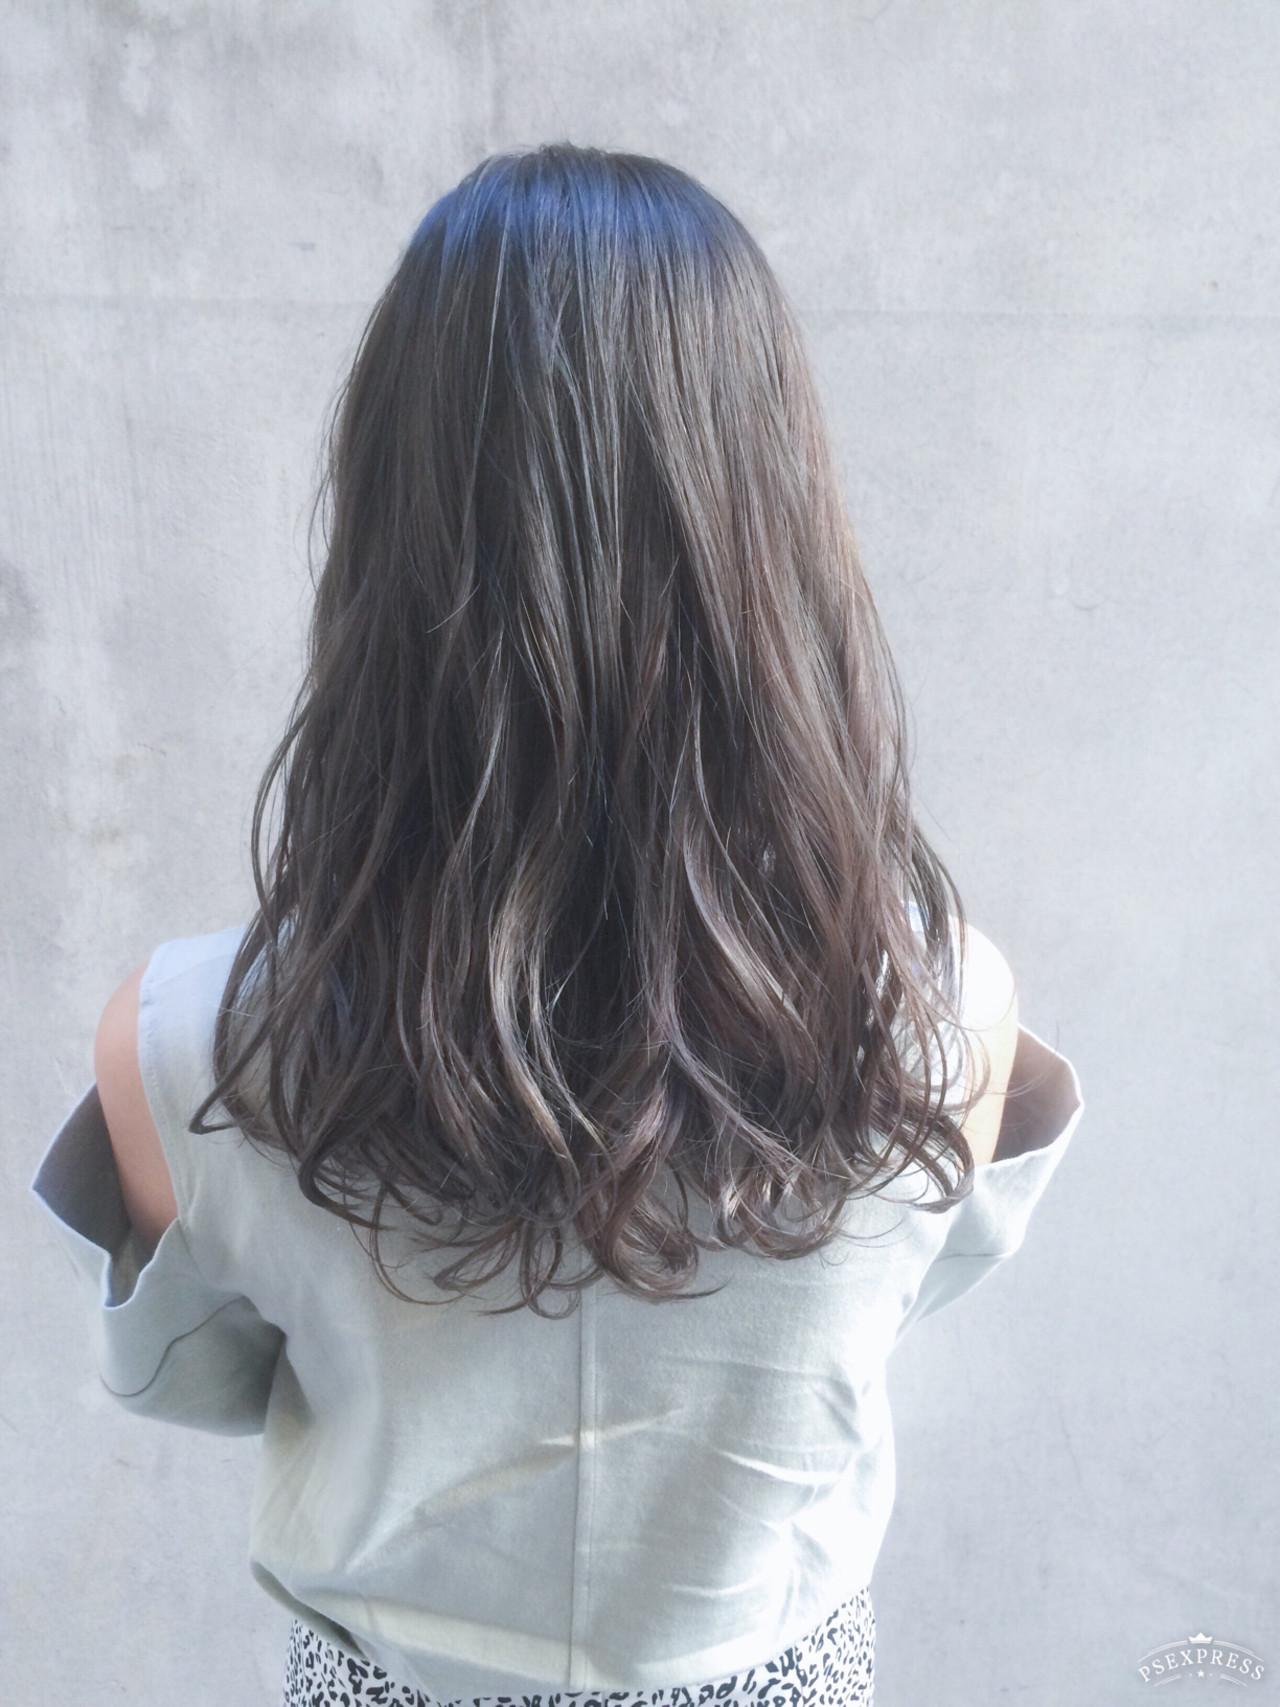 ナチュラル ミディアム 大人かわいい アンニュイほつれヘア ヘアスタイルや髪型の写真・画像 | Tierra / 町田雄一 / Tierra harajuku